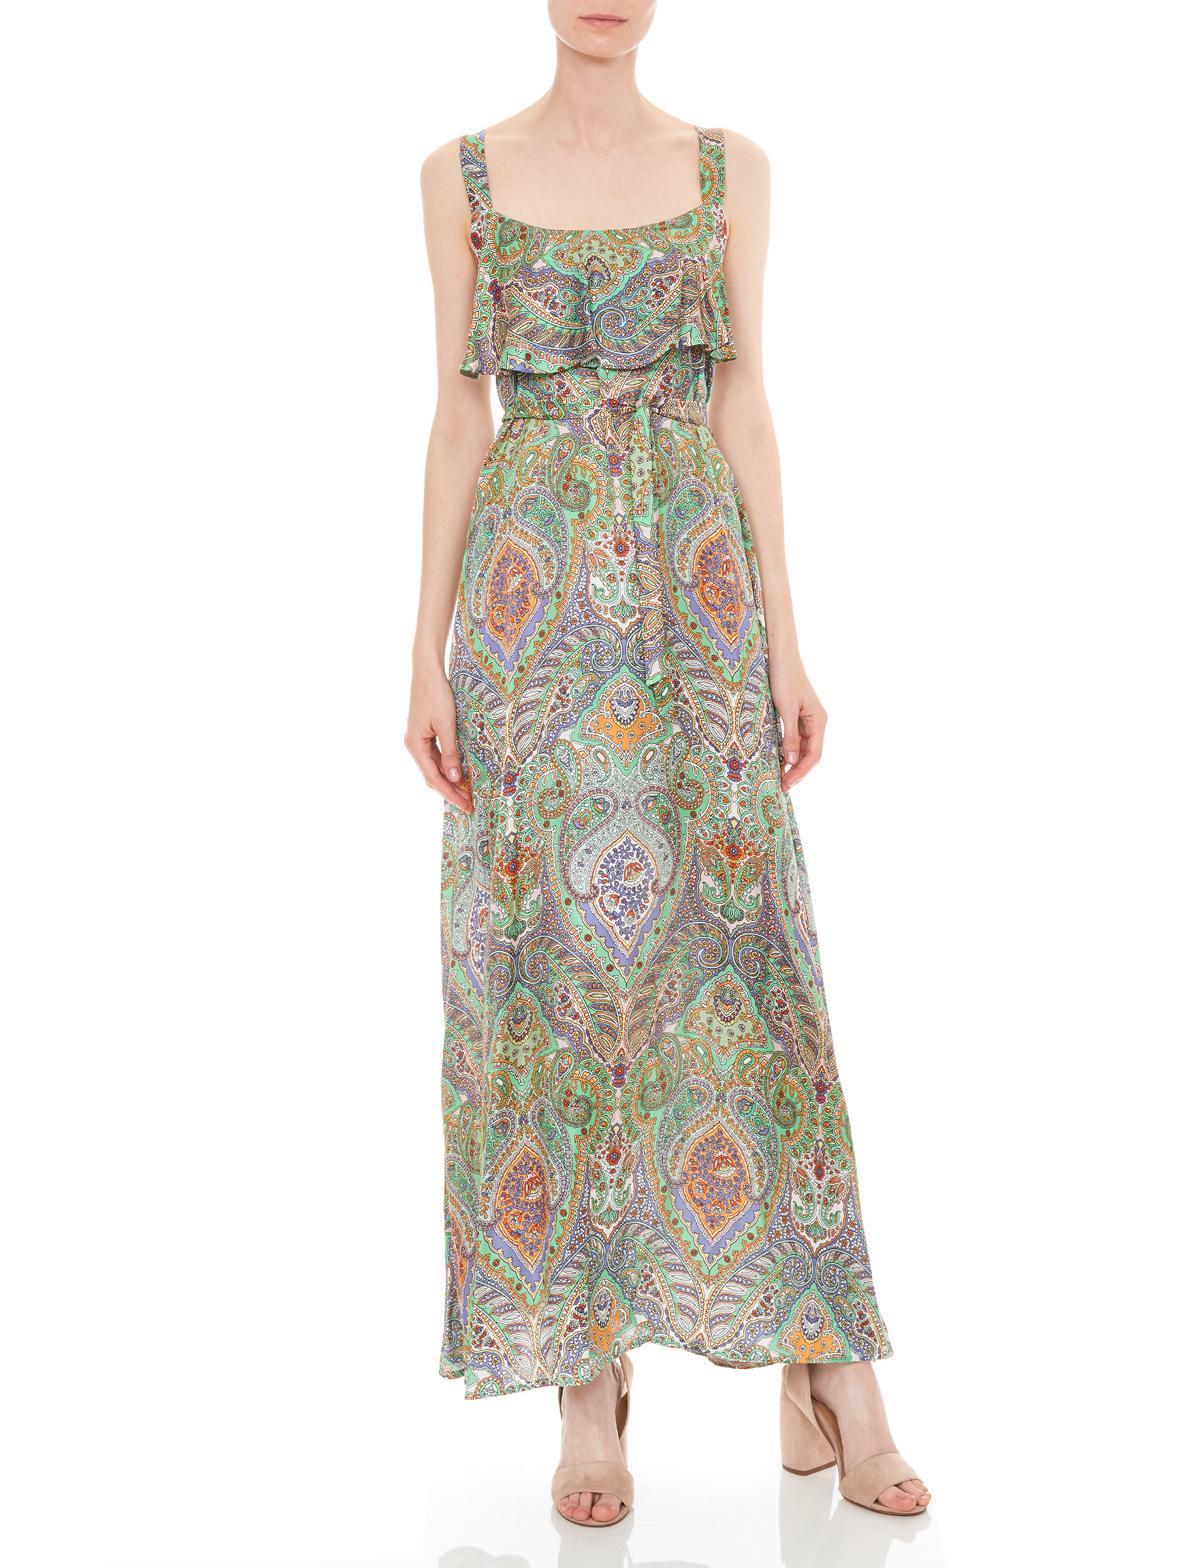 Vorderansicht von Ana Alcazar Maxi Kleid Moanita  angezogen an Model